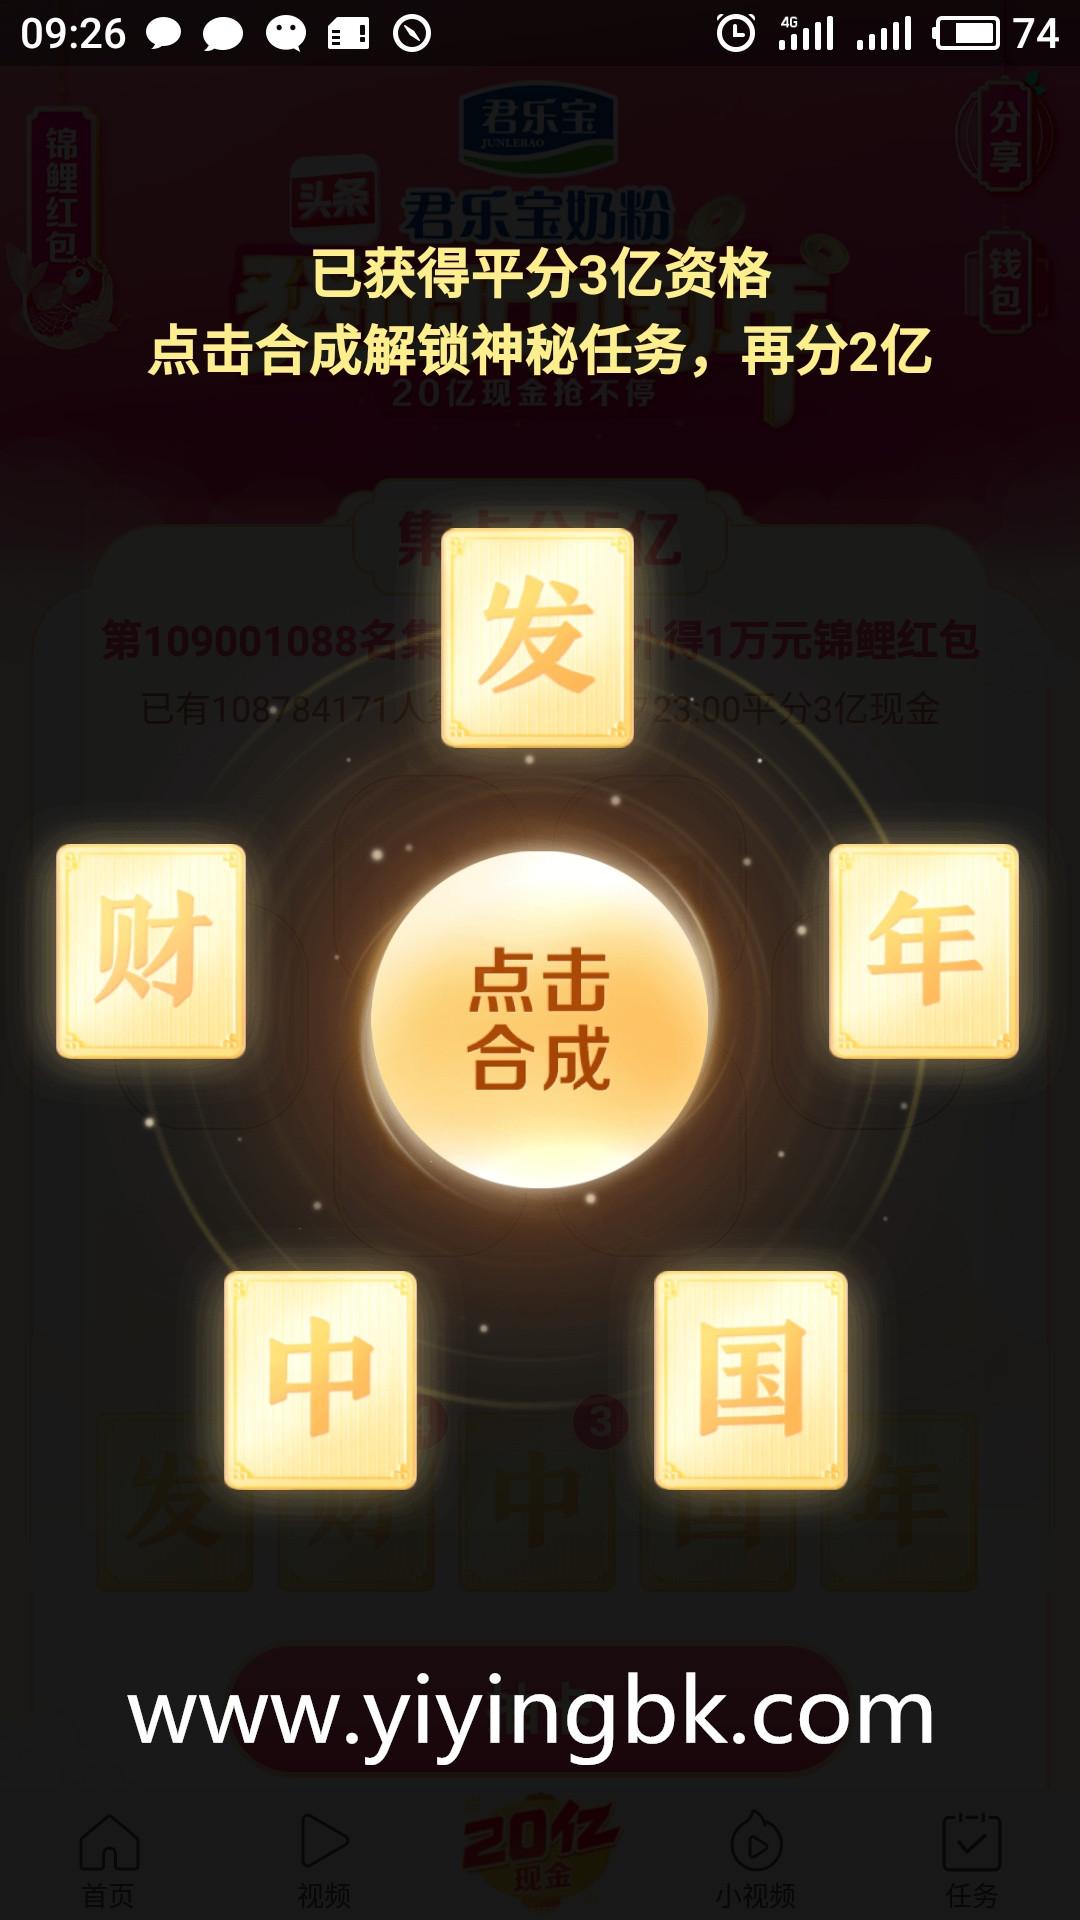 合成发财中国年,平分3亿红包。